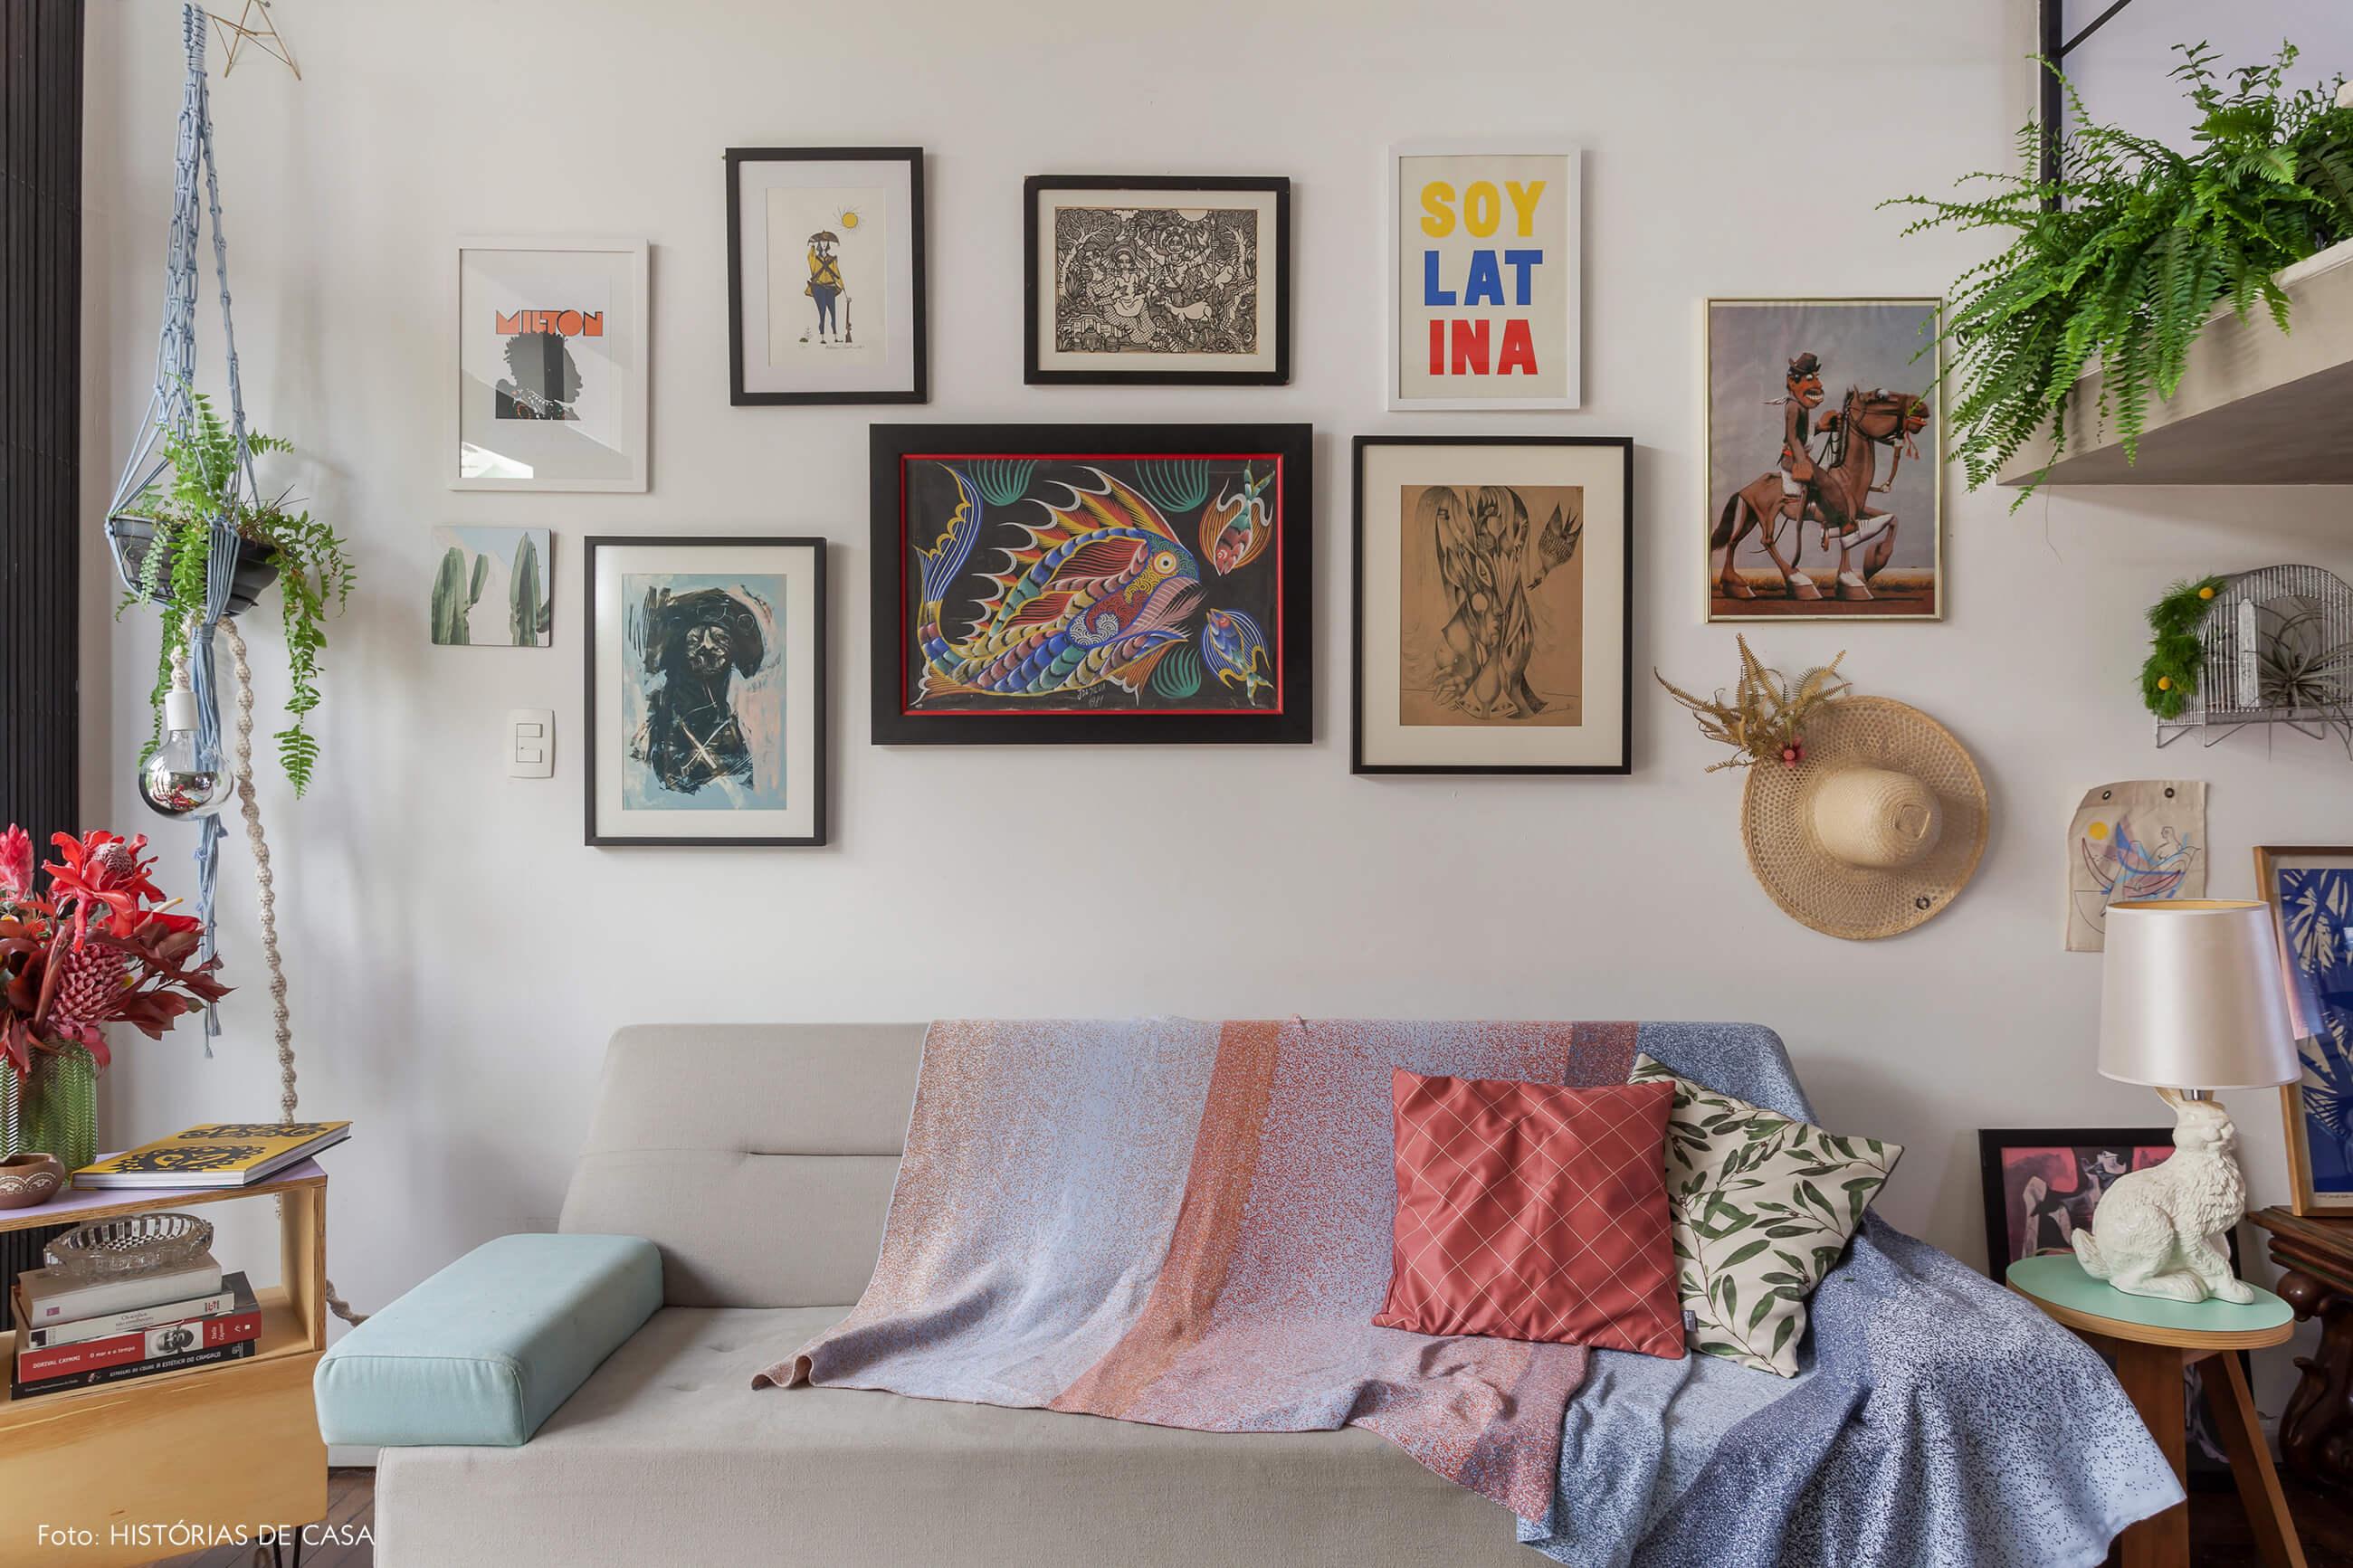 Sala com parede de quadros e sofá cinza